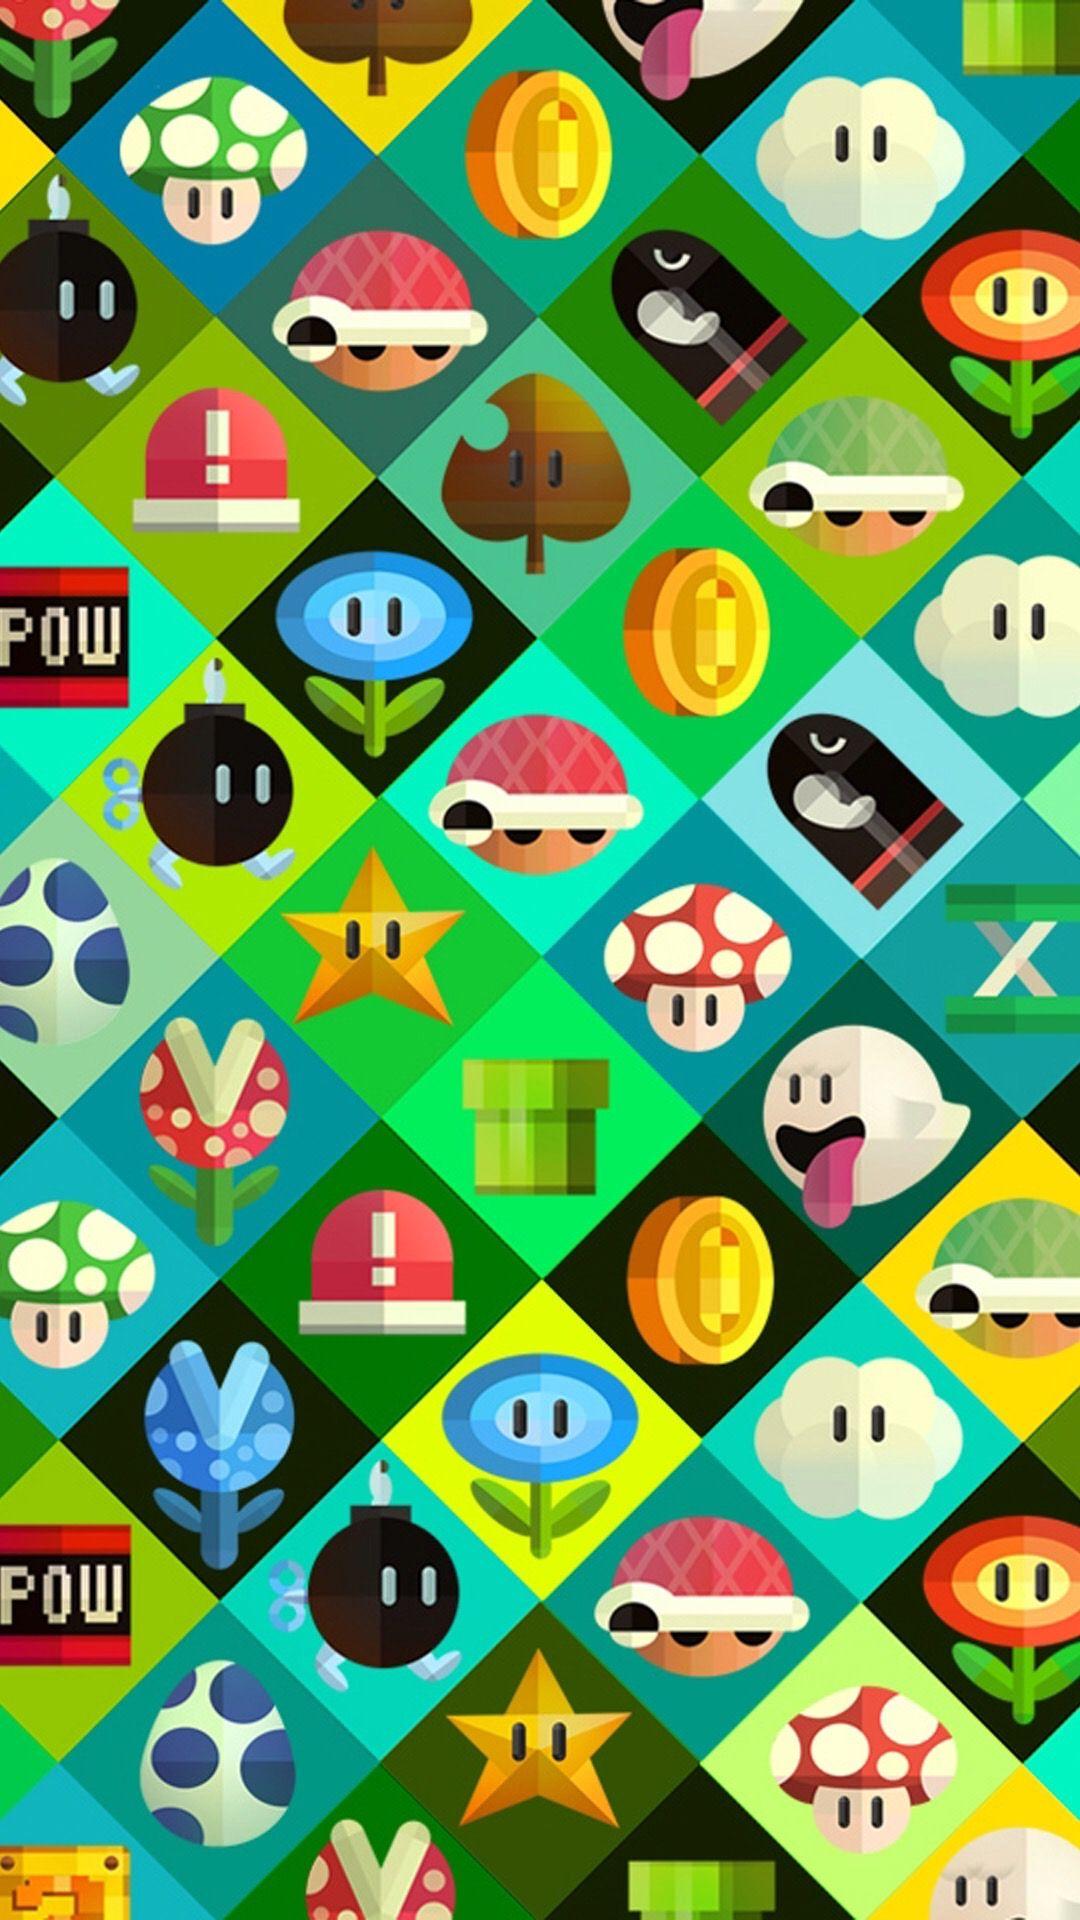 Pin by 잰 수 on Gaming Super mario bros, Mario bros